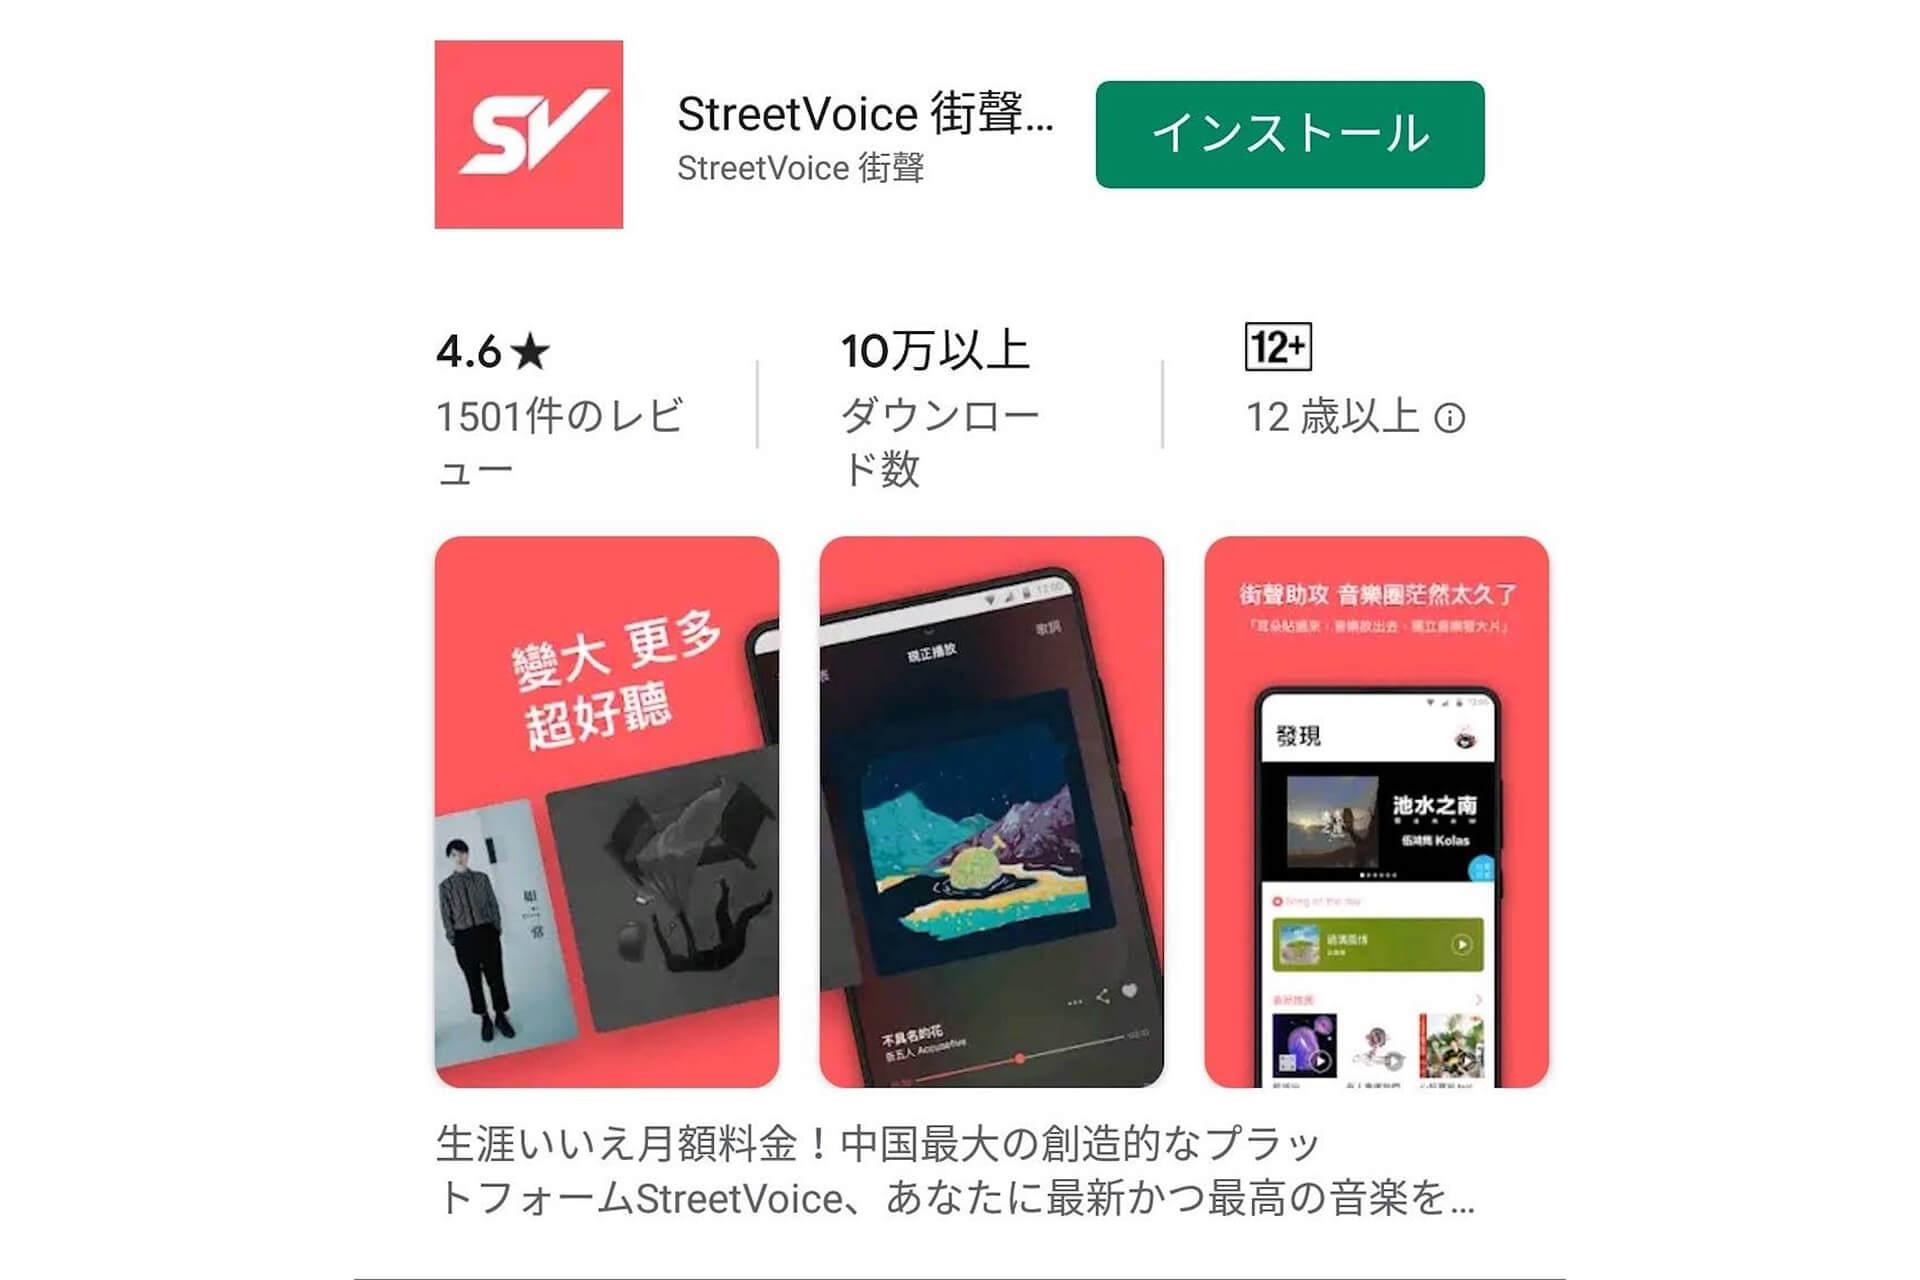 台湾最先端のインディ音楽をdigれる無料アプリ「StreetVoice」が熱い!使い方を紹介 streetvice-0